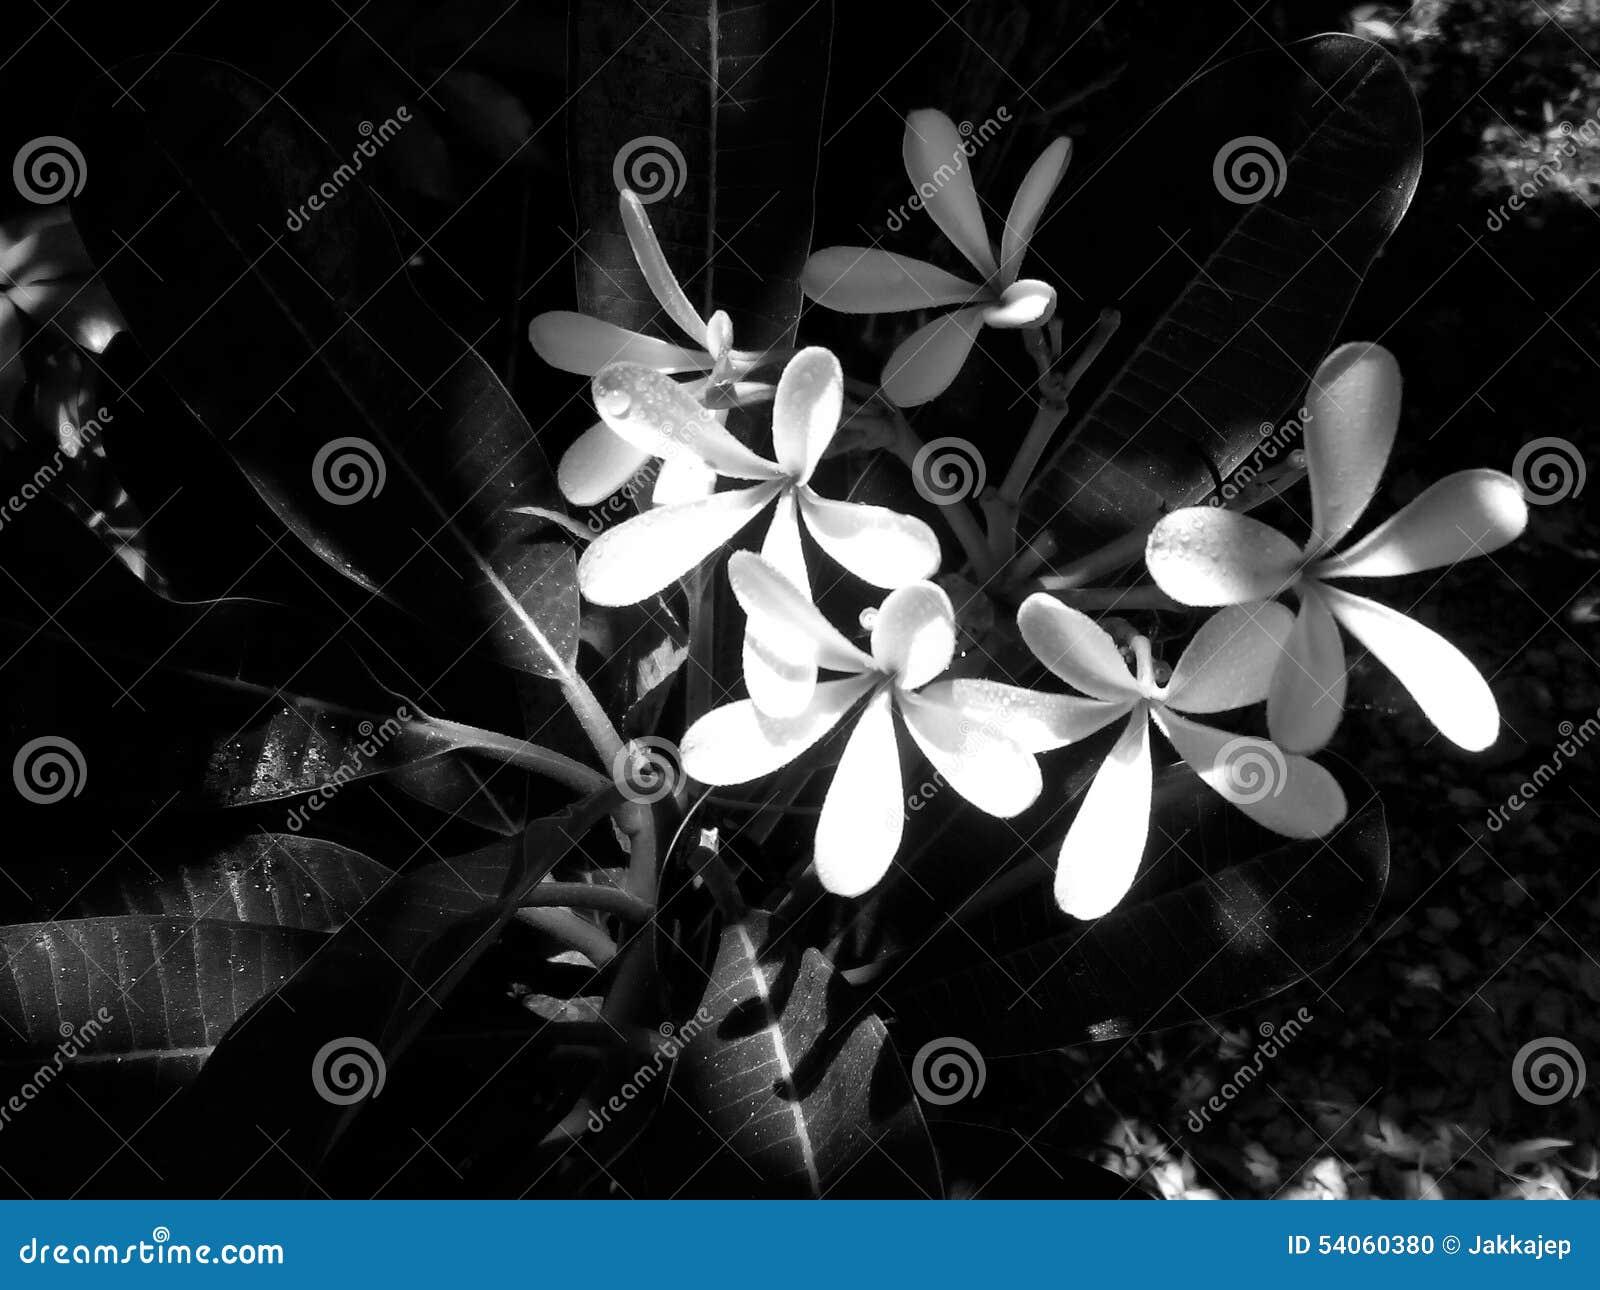 黑白羽毛花图片